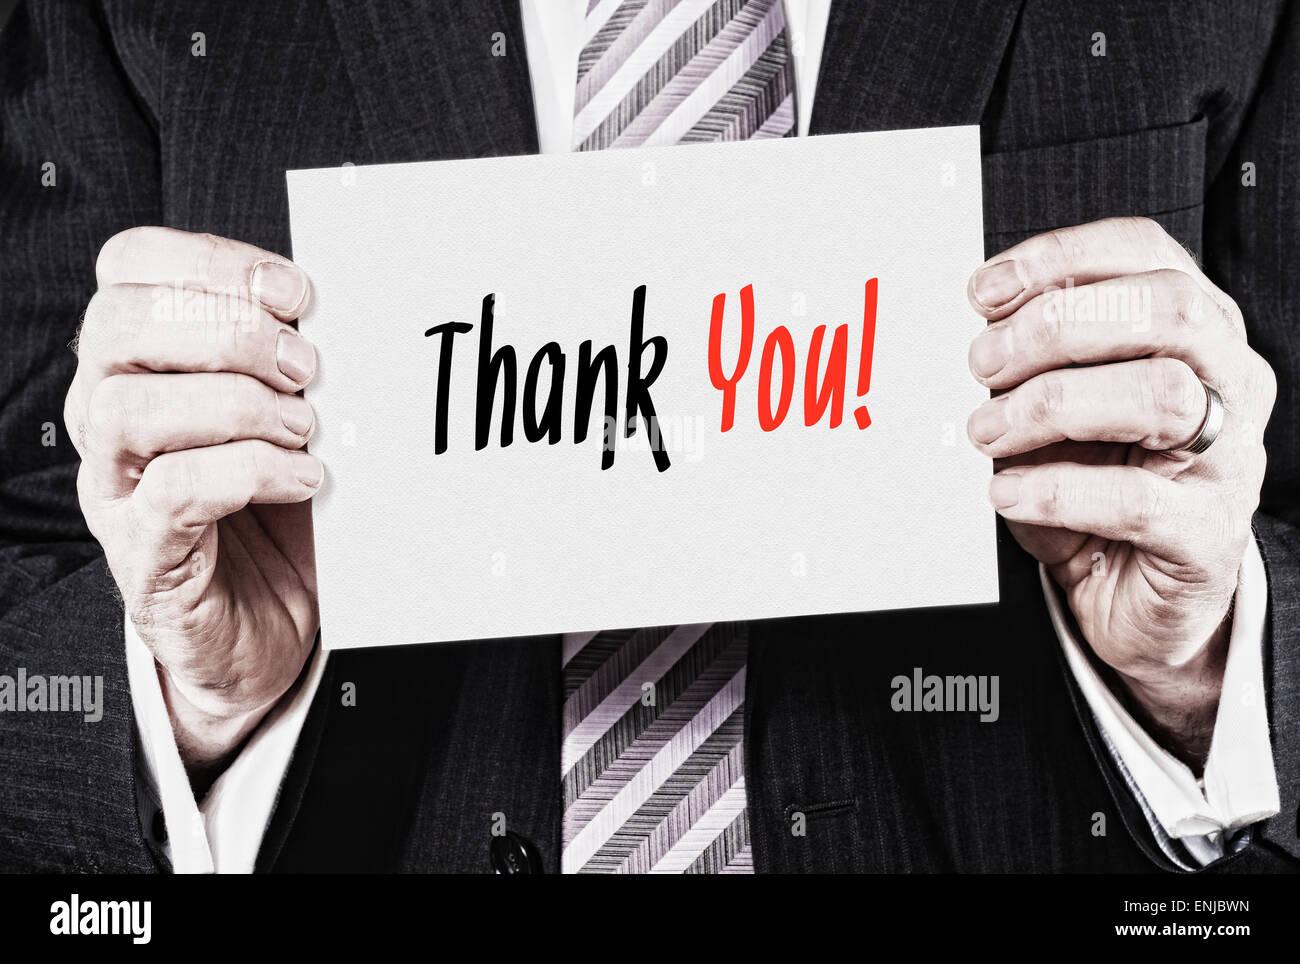 Un homme tenant une carte d'affaires avec les mots, je vous remercie, écrit dessus. Photo Stock